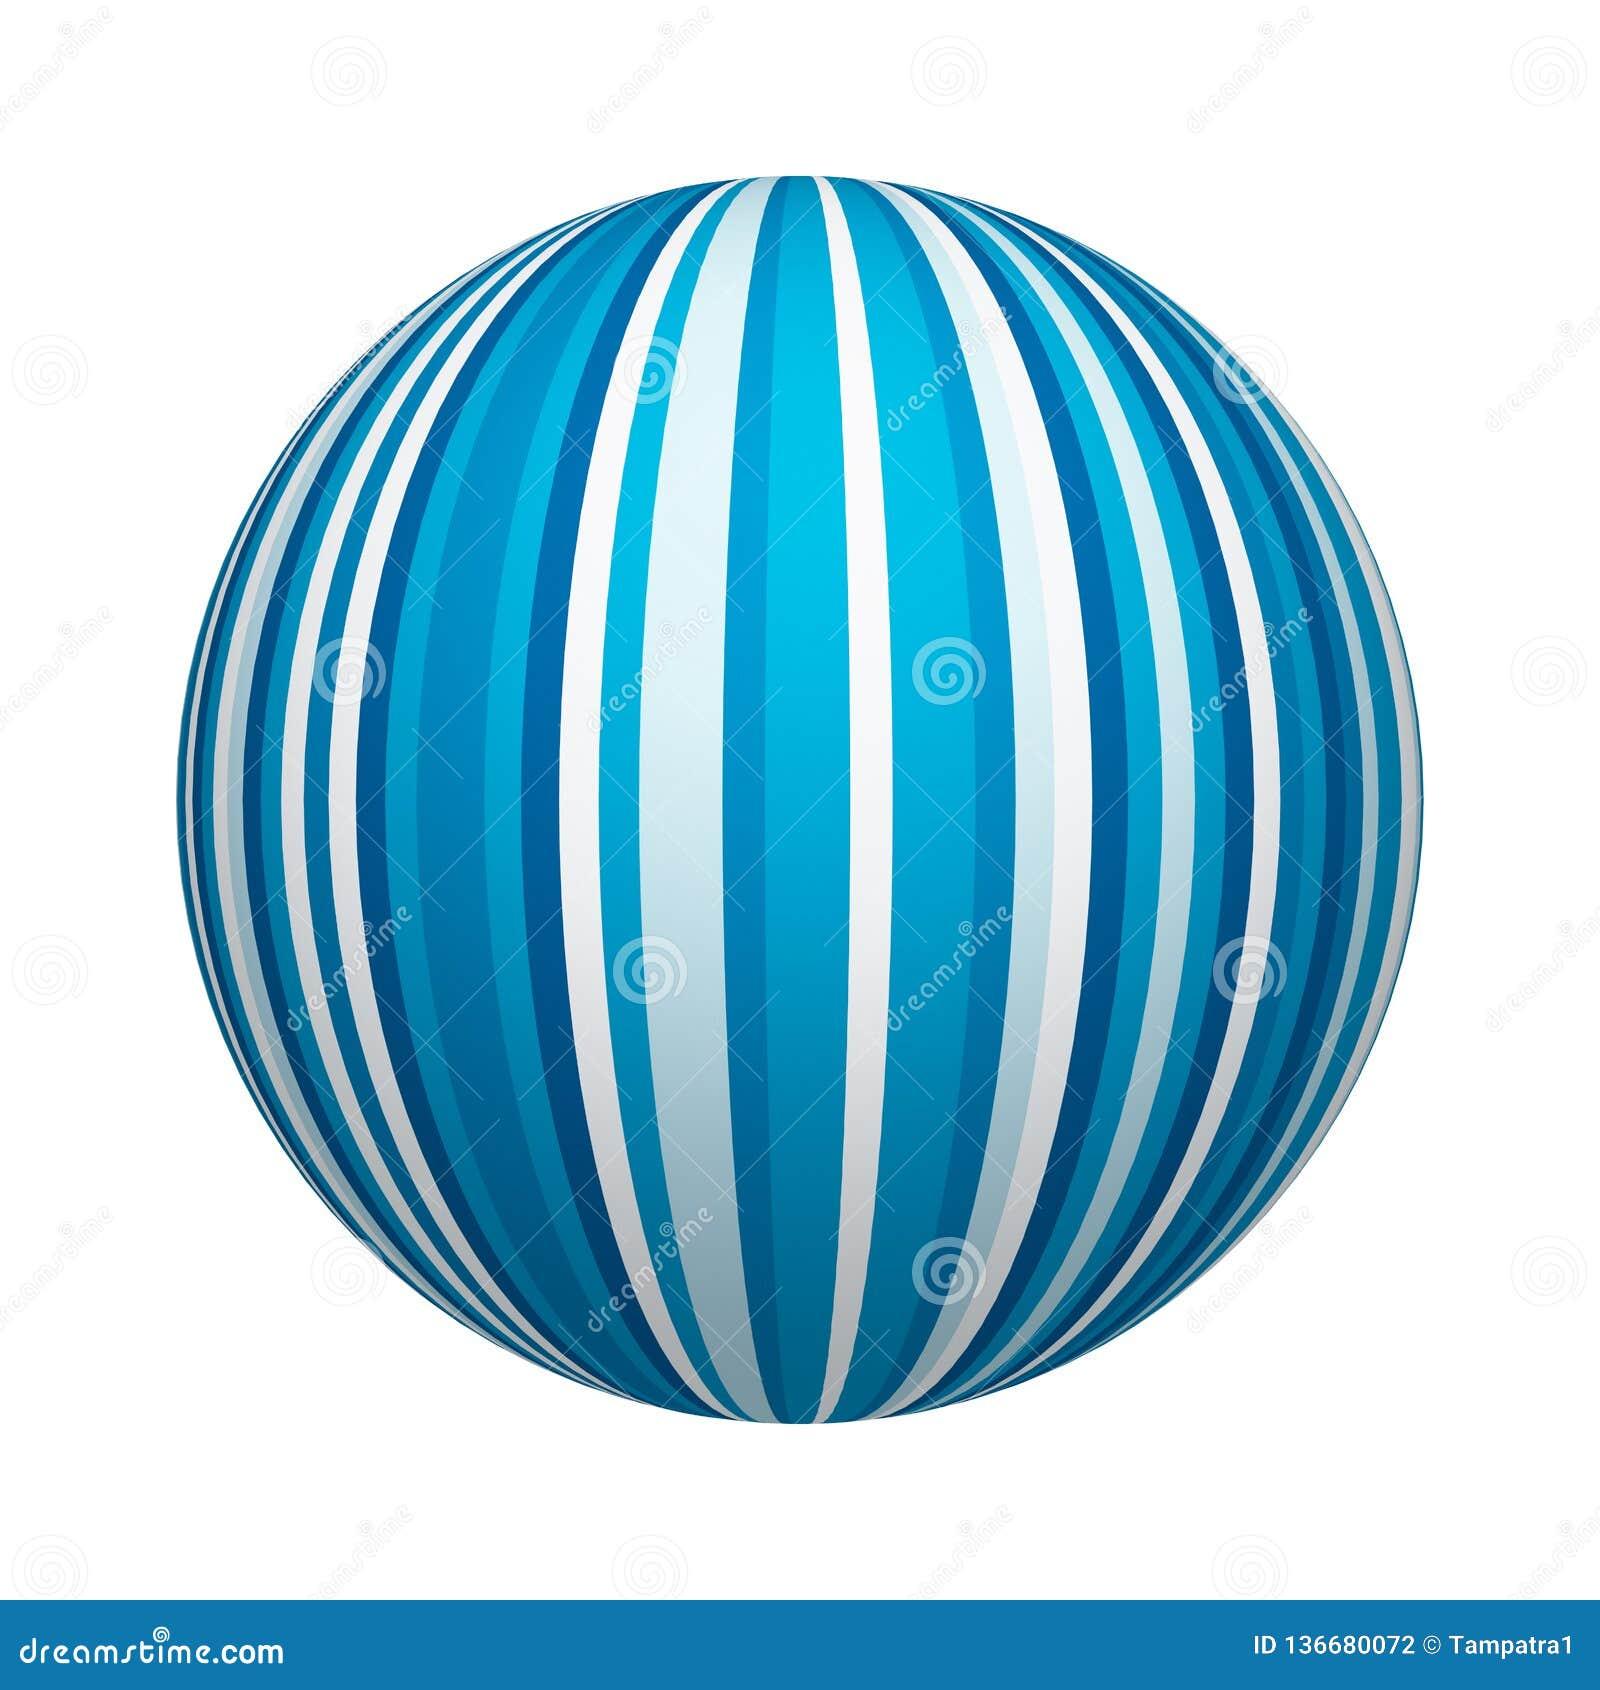 Textura azul y blanca del modelo rayado en la forma de la bola o de la esfera aislada en el fondo blanco Diseño ascendente de la